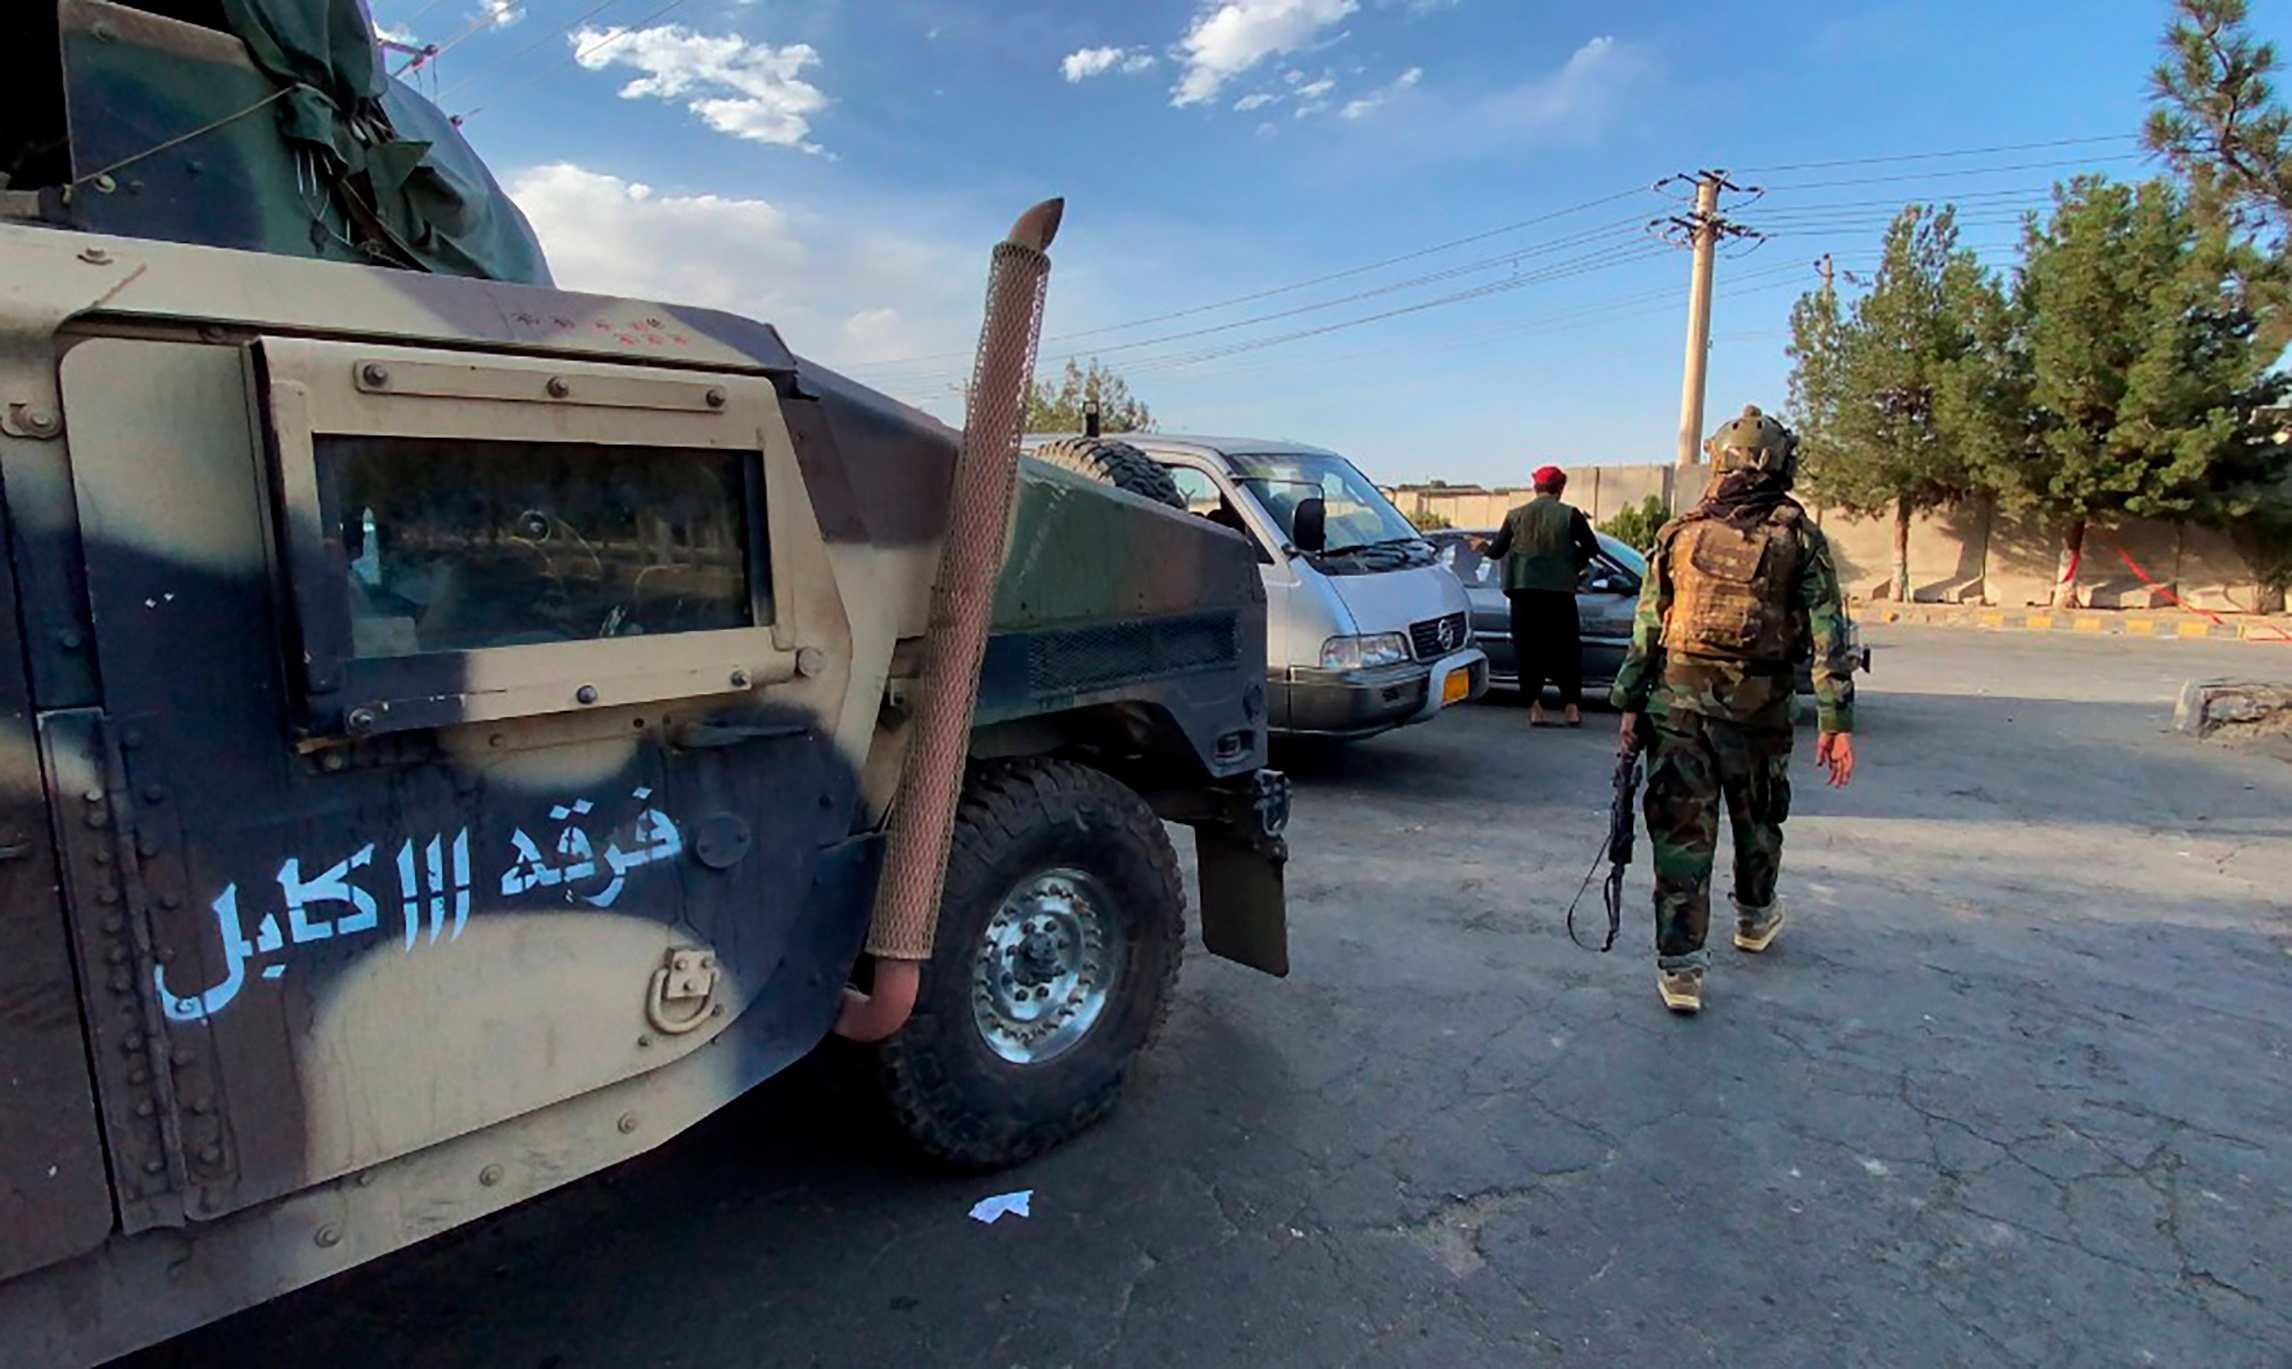 Otra fuerte explosión se registra este domingo cerca del aeropuerto de Kabul - Prensa Libre